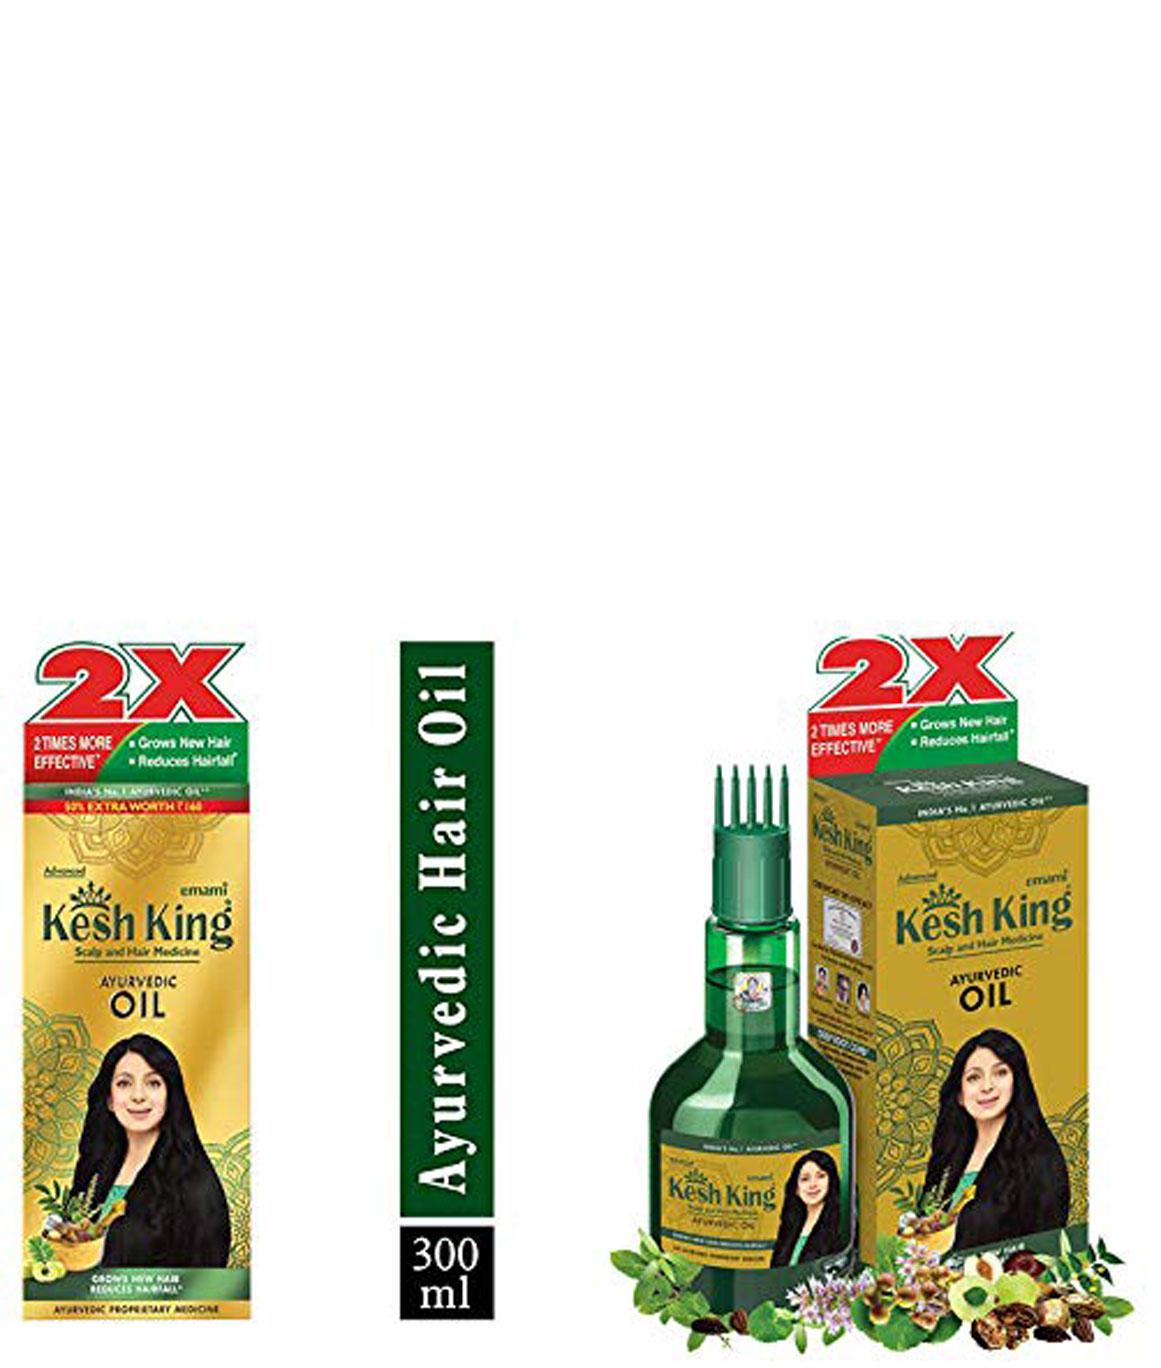 Kesh King Kesh King Ayurvedic Scalp and Hair Oil, 300 ml and Kesh King Ayurvedic Scalp and Hair Oil, 100ml